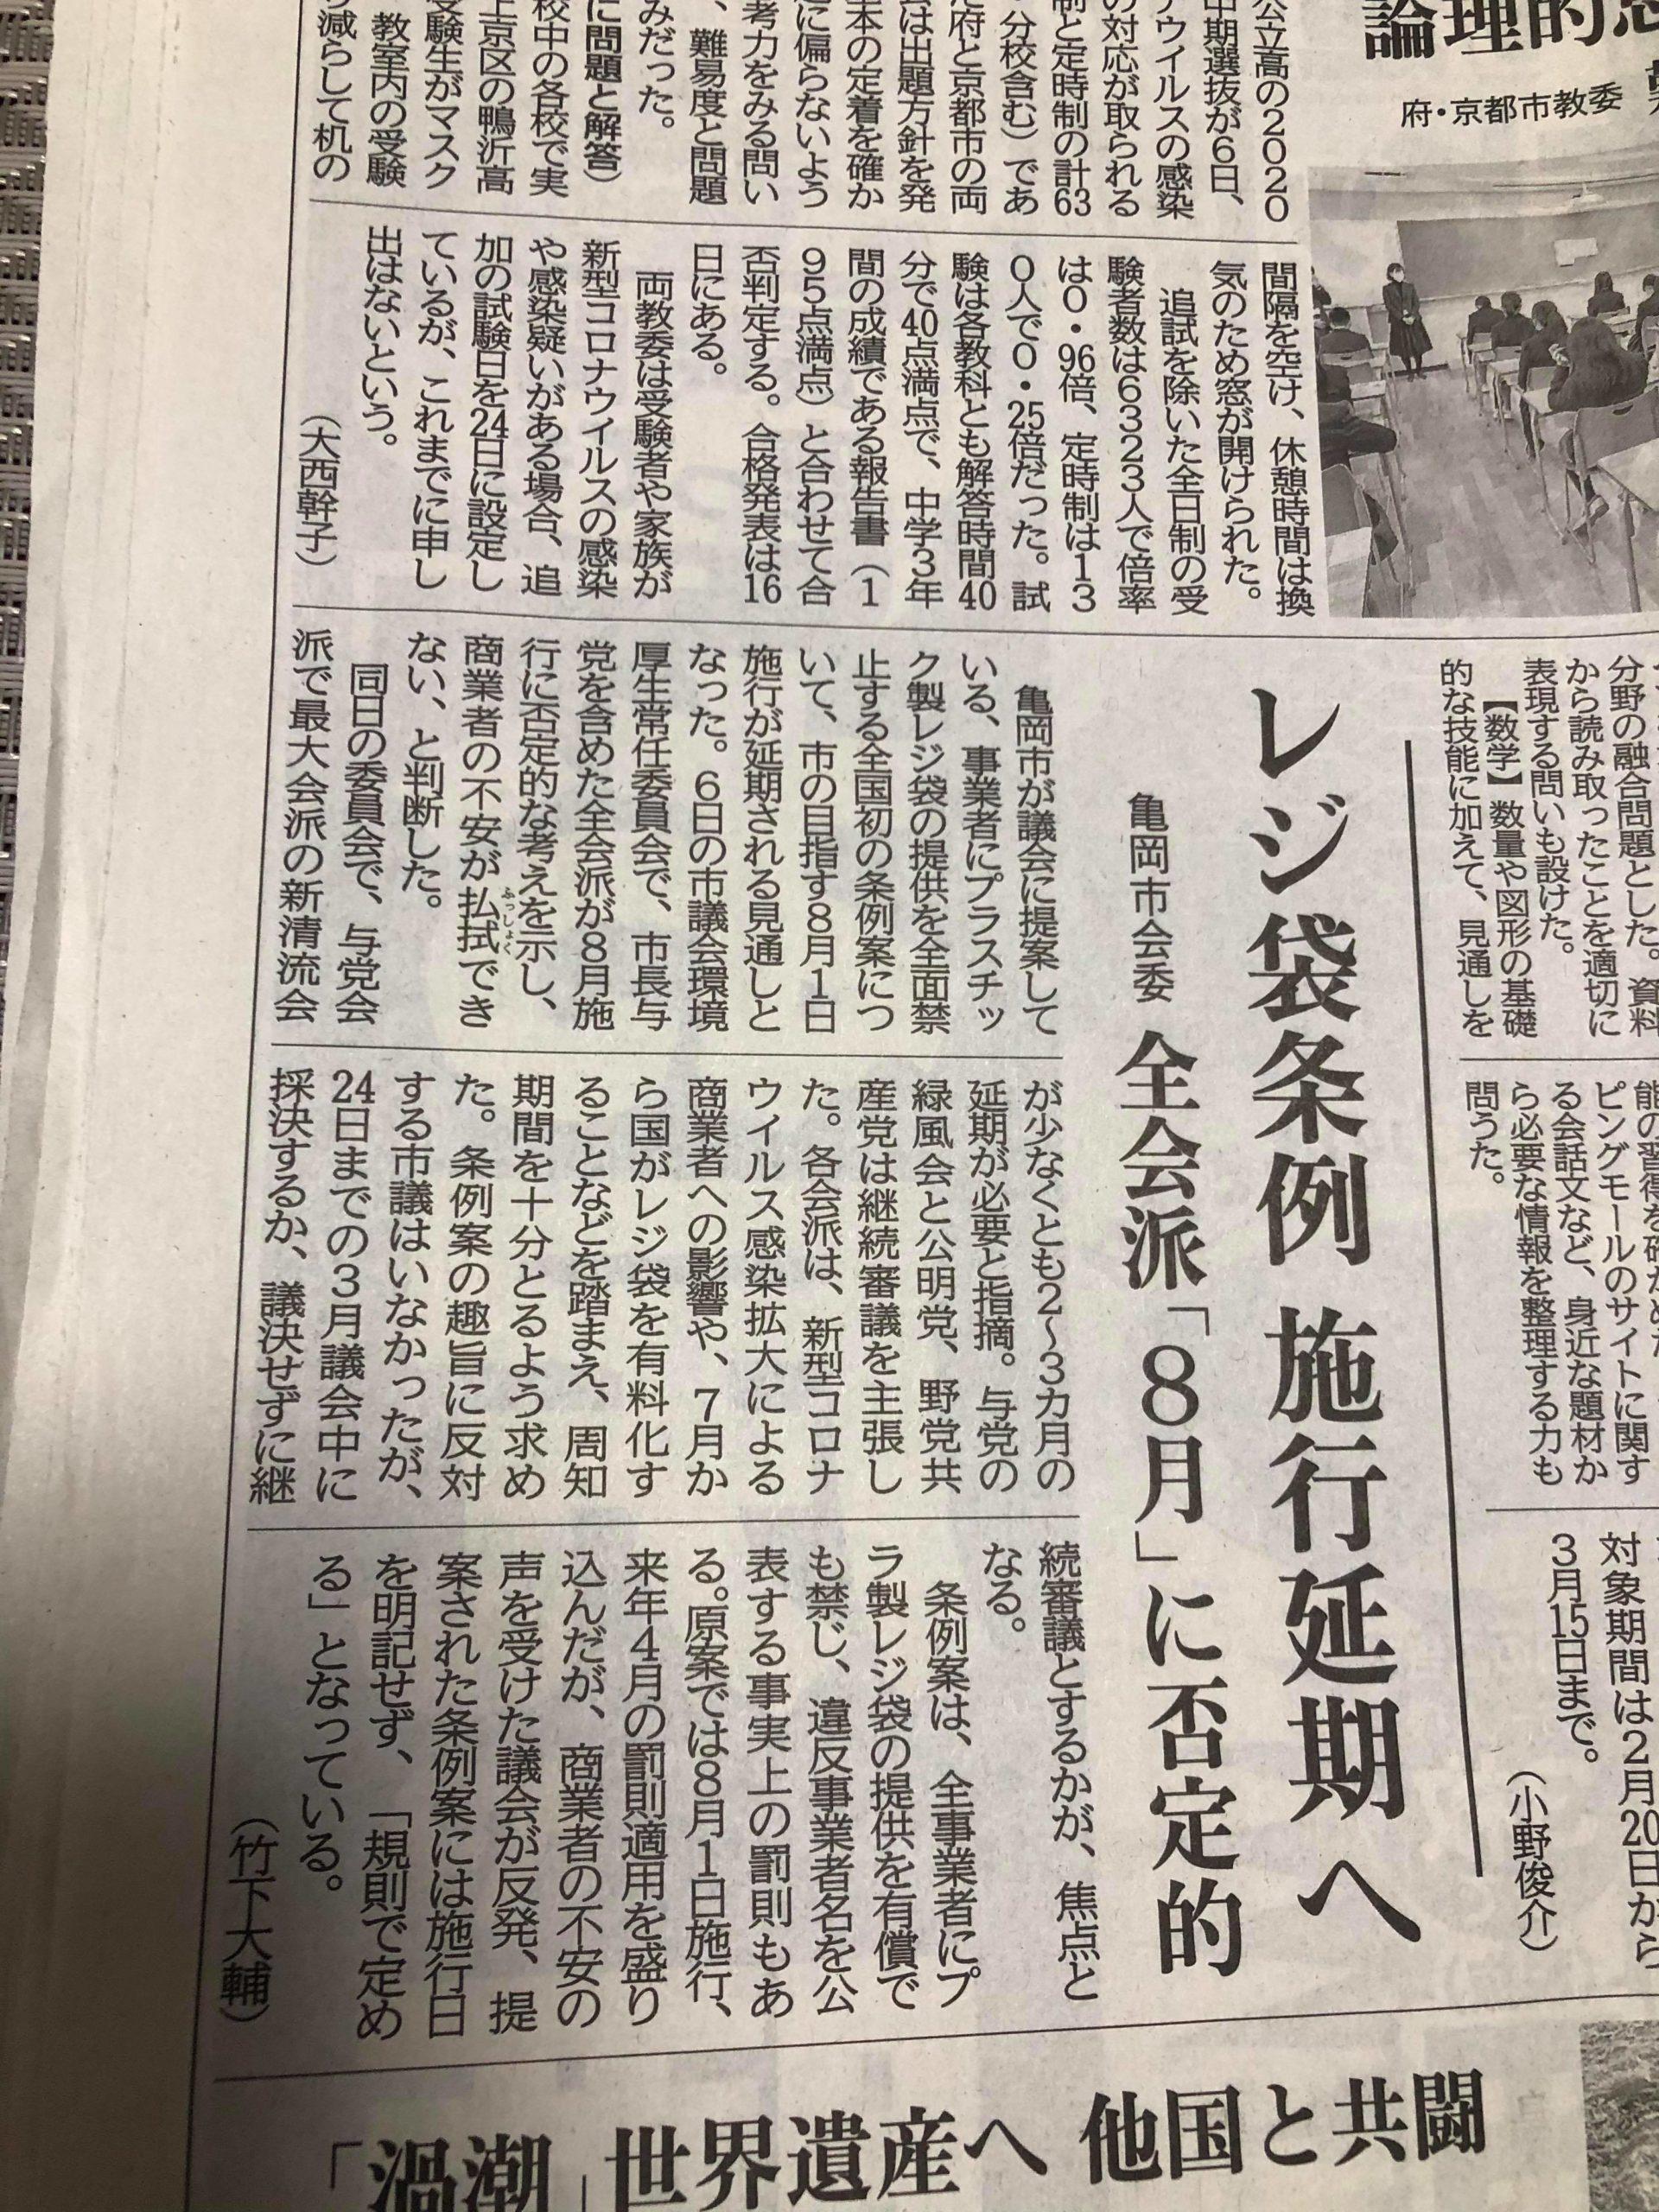 京都新聞 マスクなど